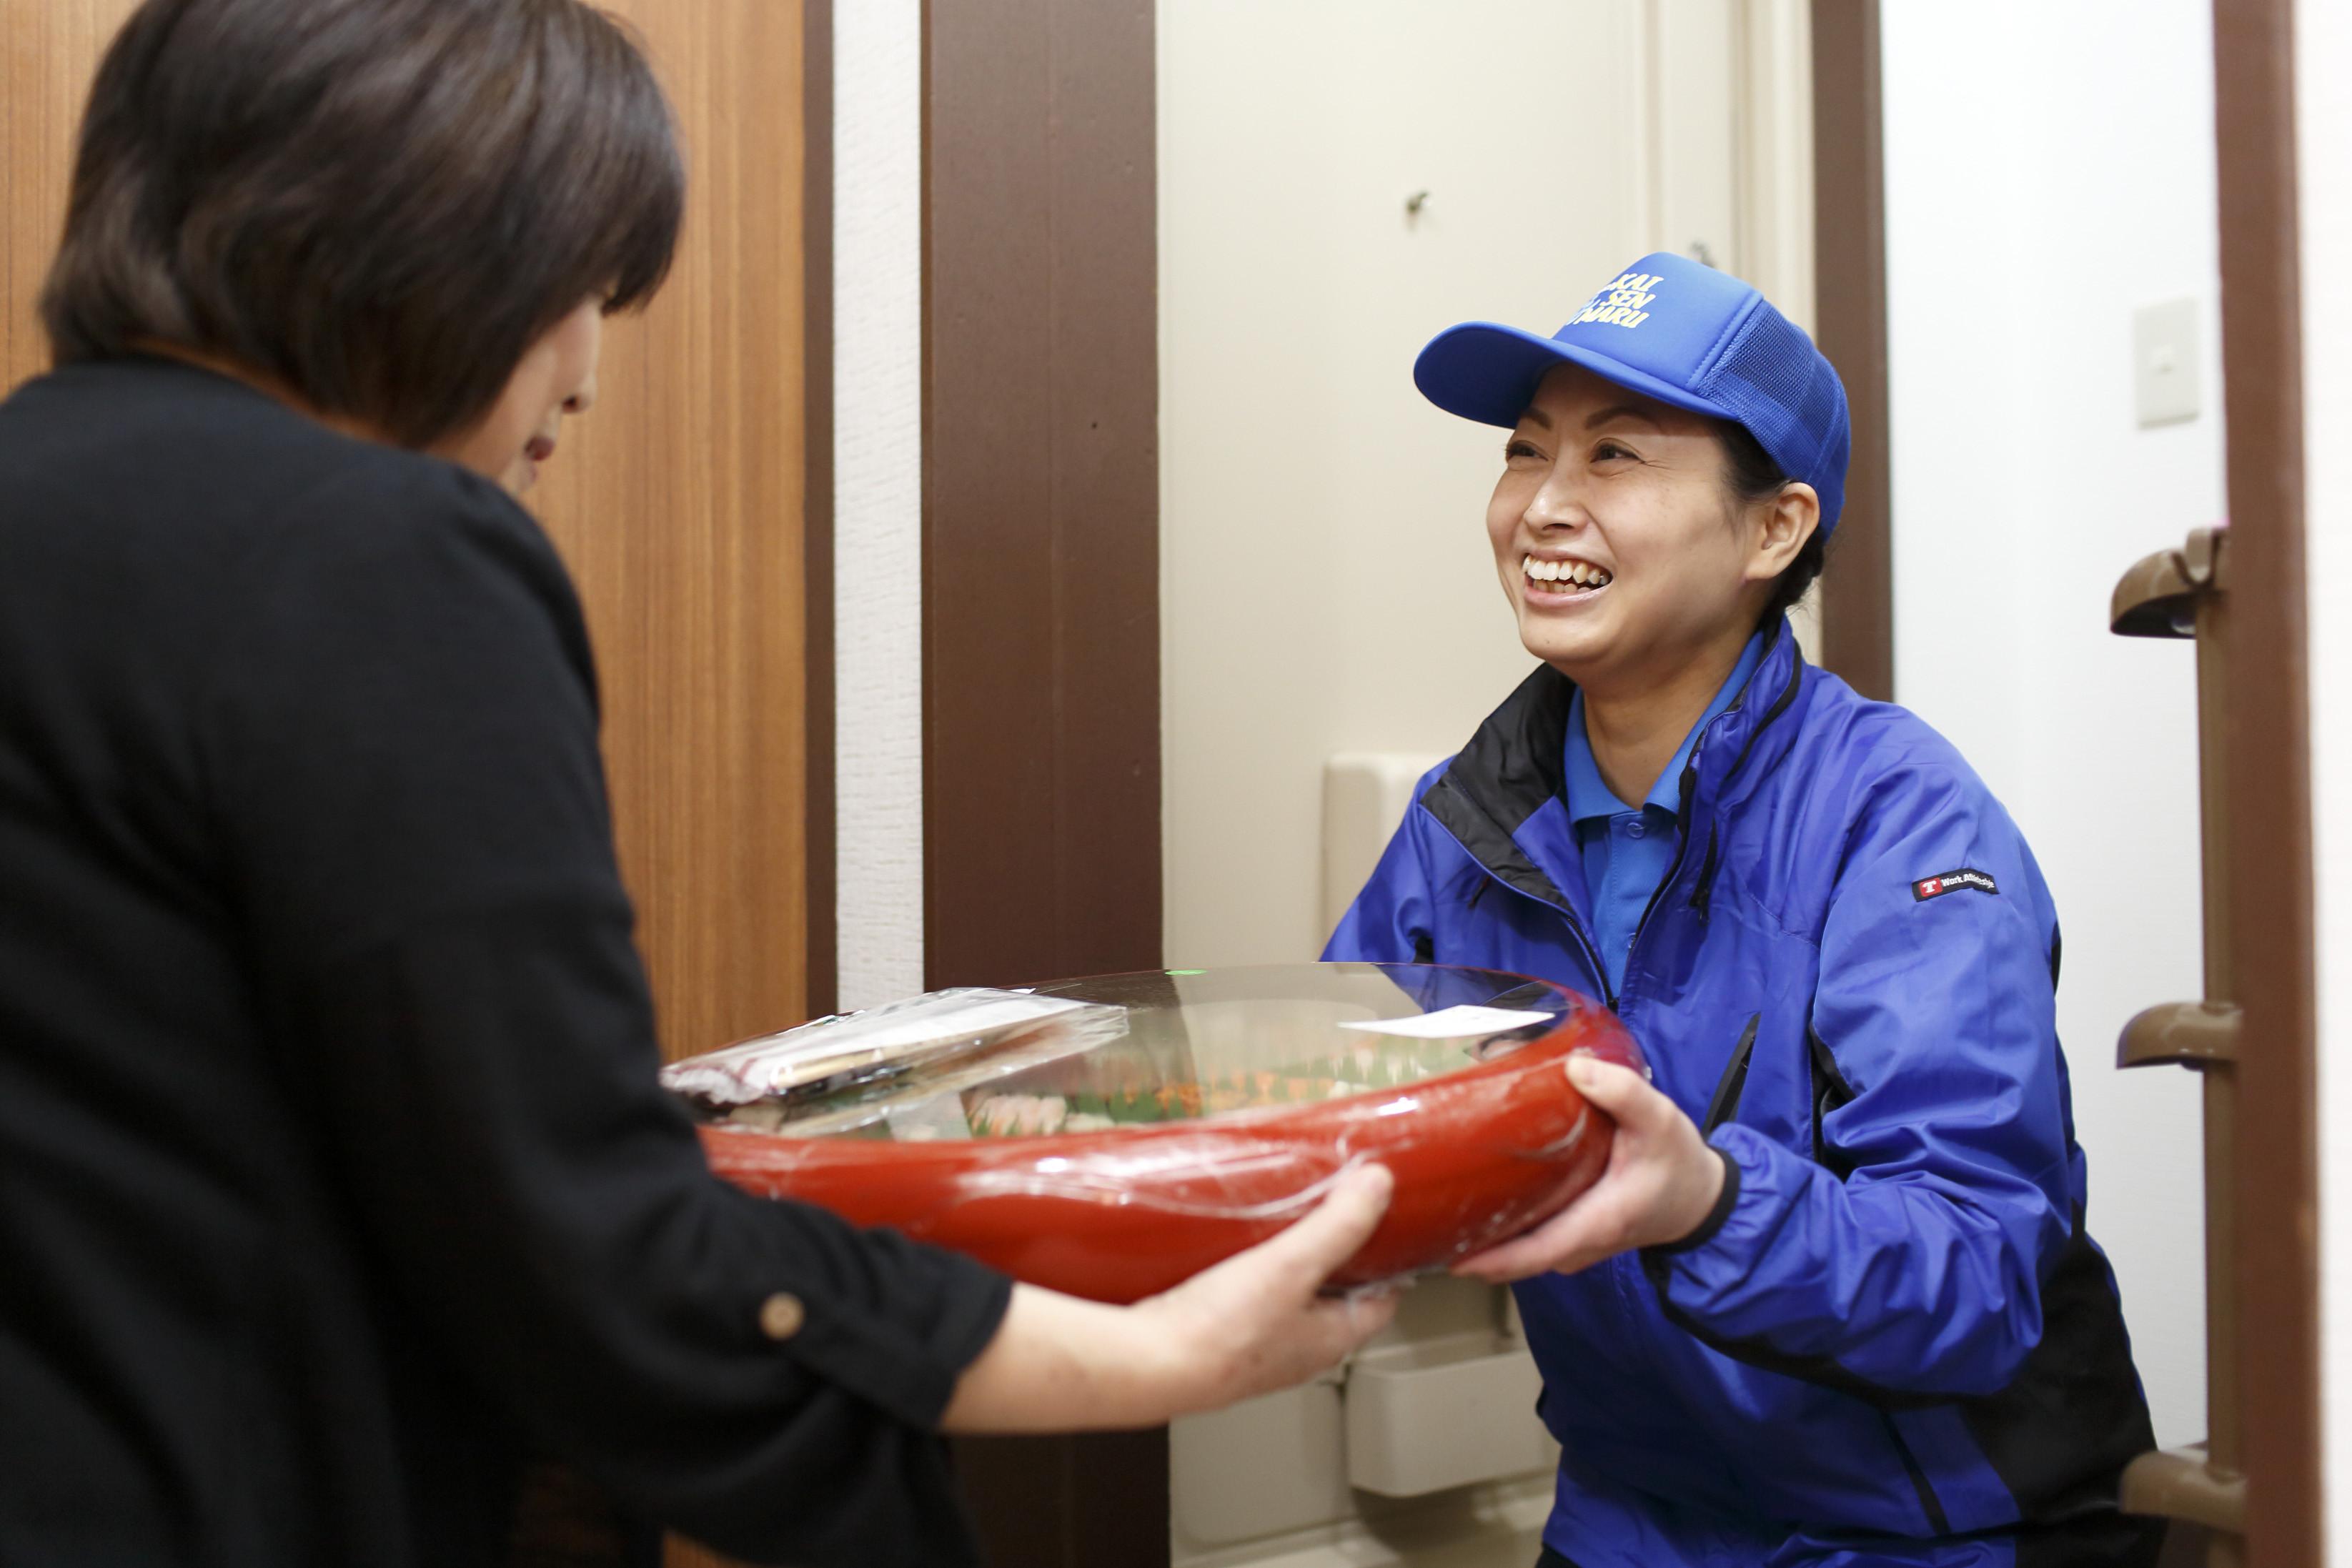 札幌海鮮丸 中標津店 デリバリー(配達)スタッフのアルバイト情報